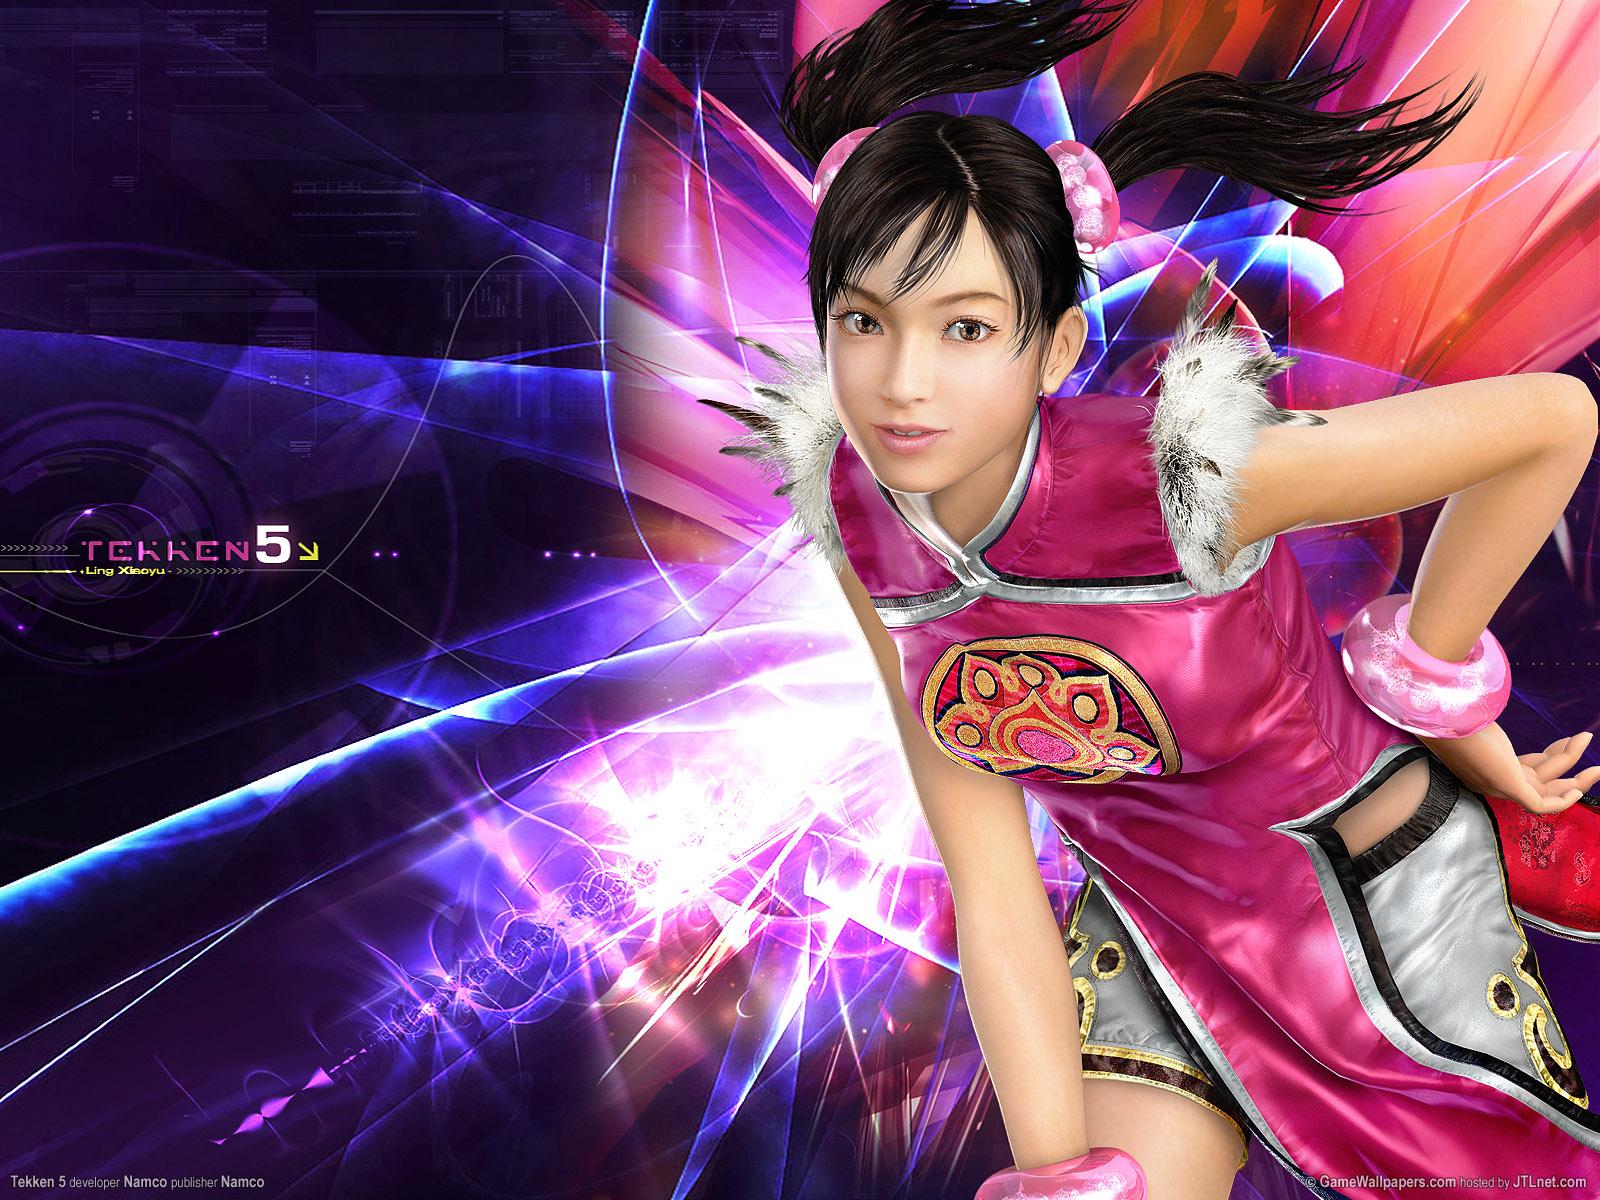 Tekken 5 Ling Xiaoyu